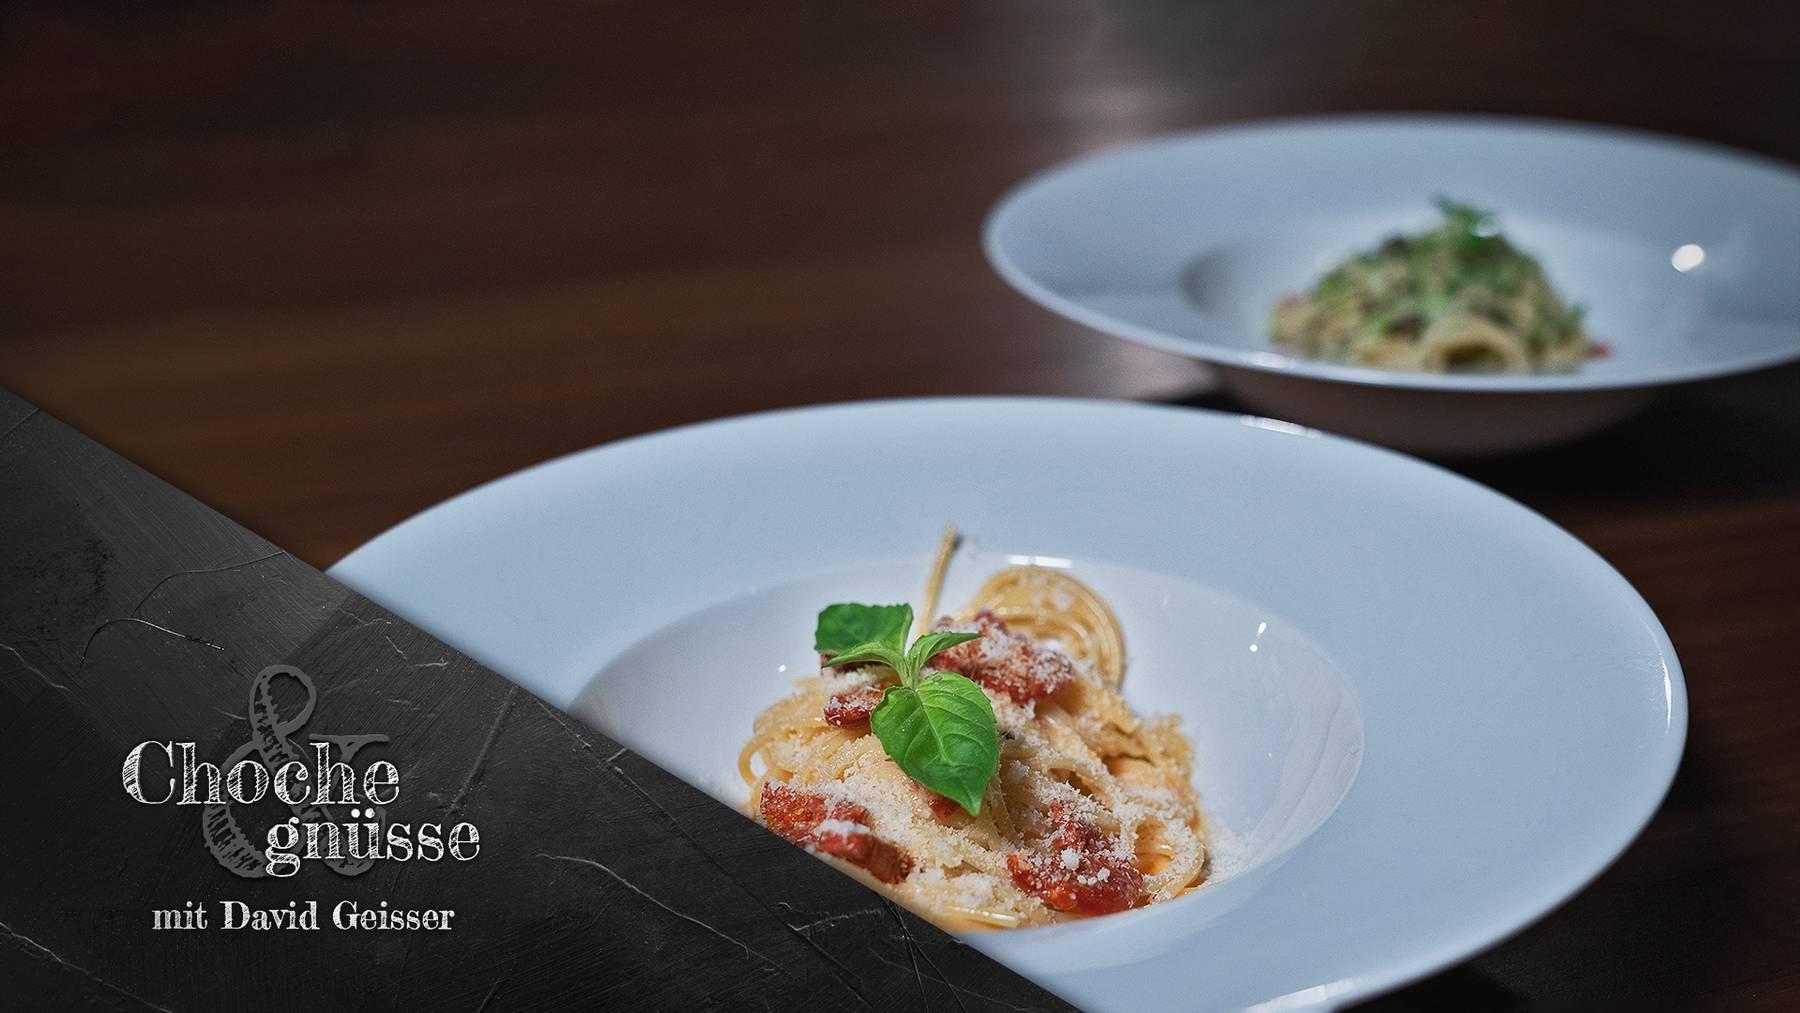 Choche & gnüsse mit David Geisser, Spaghetti-Plausch